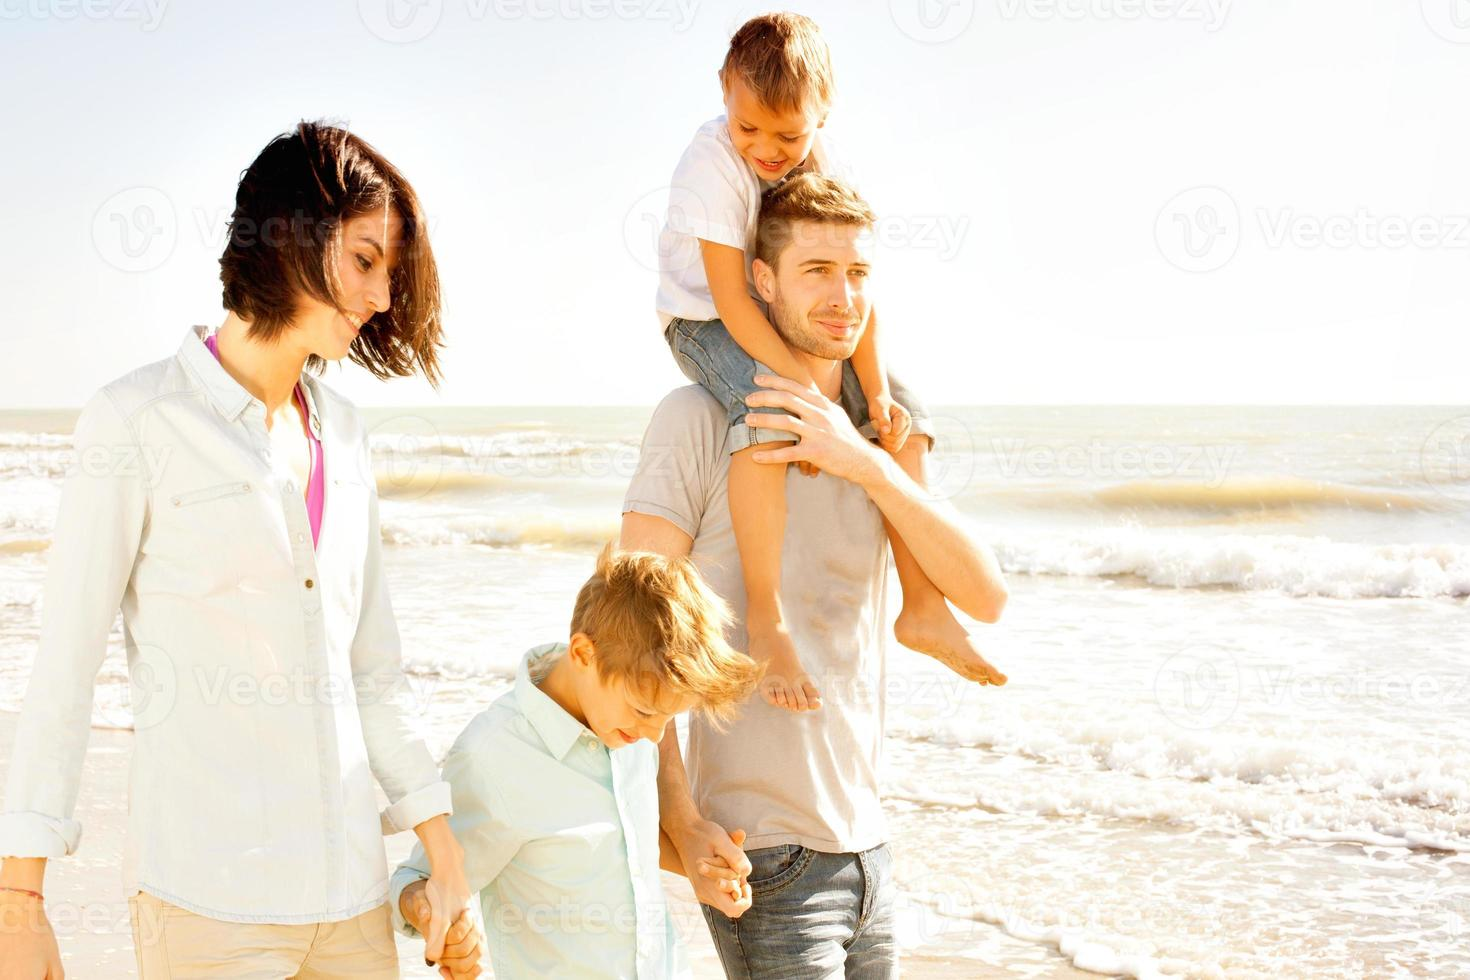 família gostava de caminhar na praia à beira-mar foto